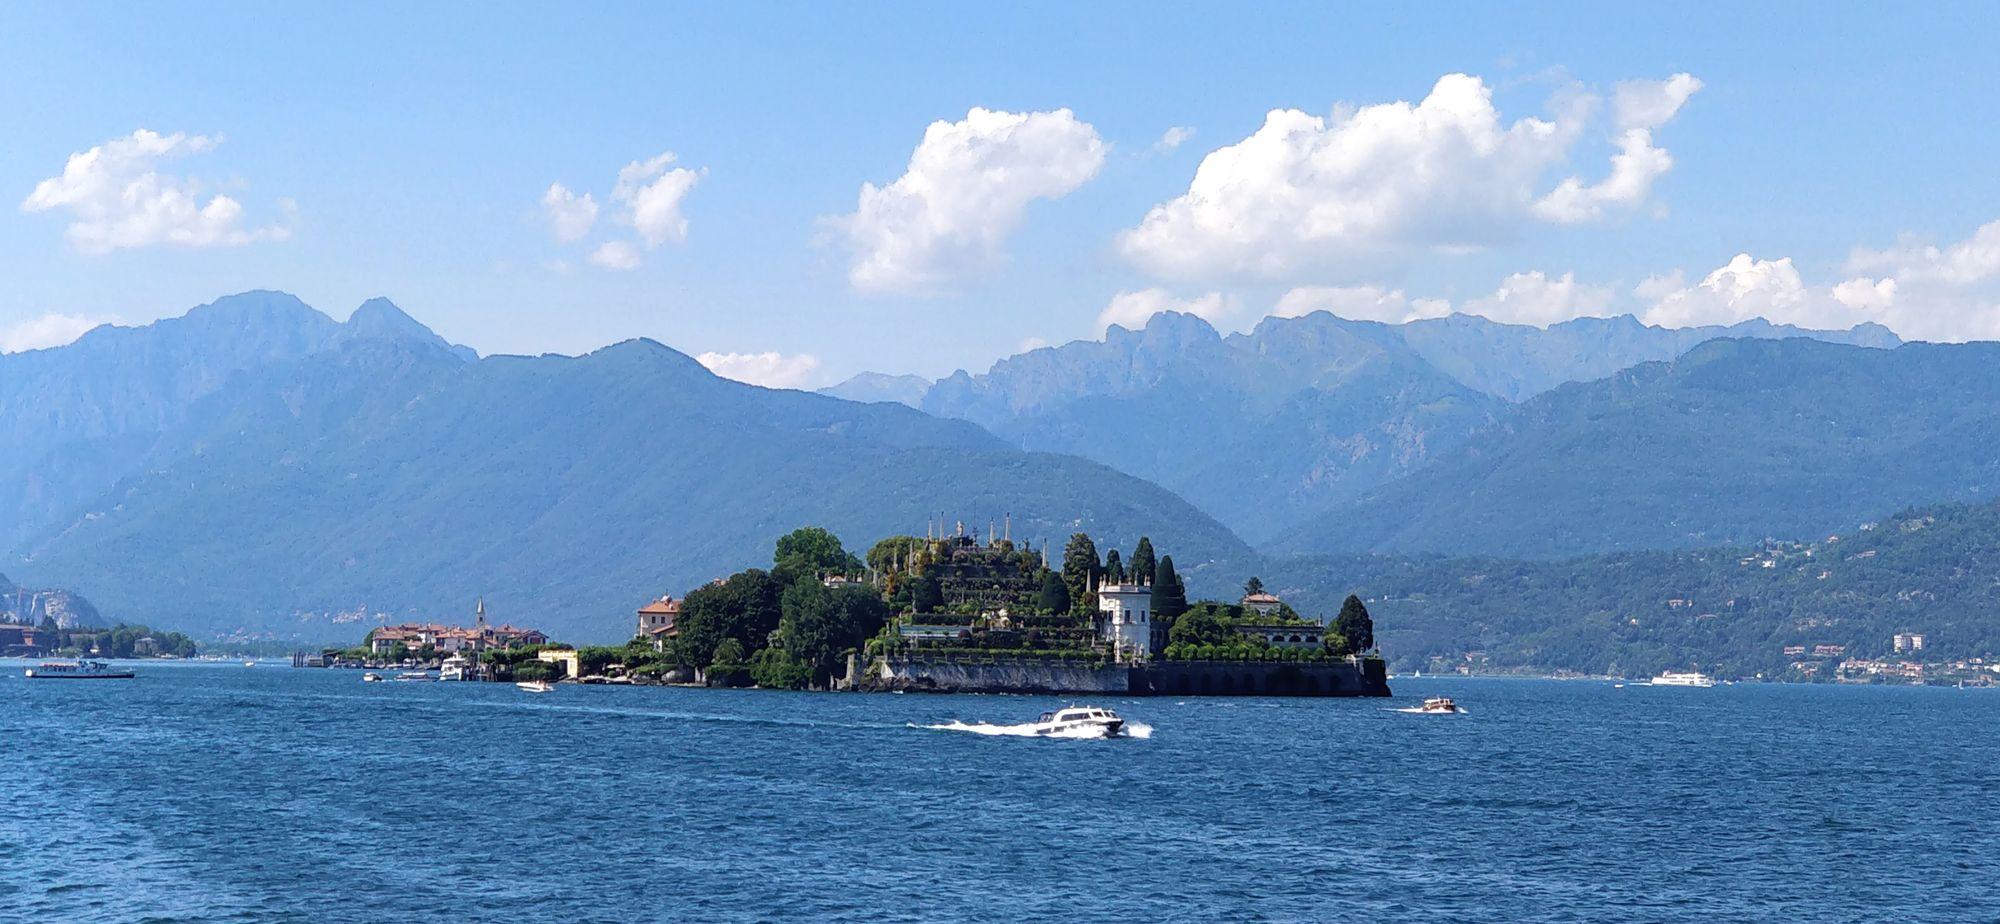 Cosa c'è al centro del lago Maggiore?